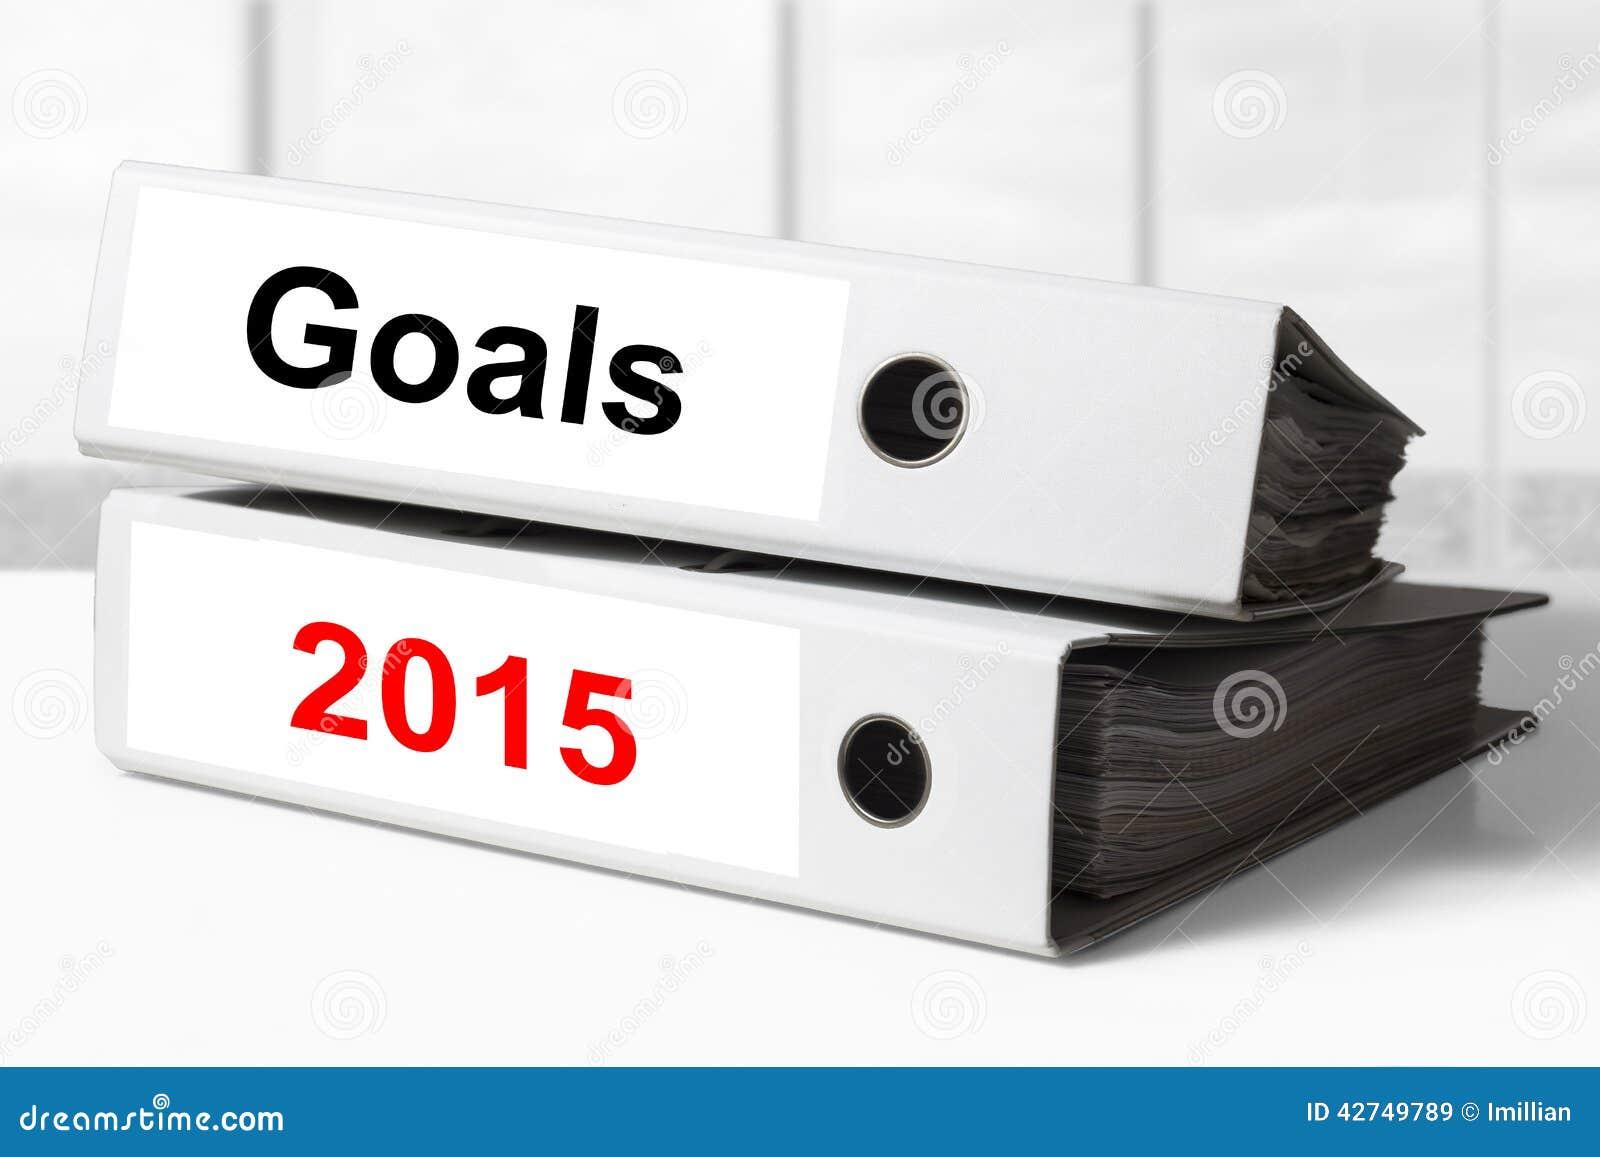 Office binders goals 2015